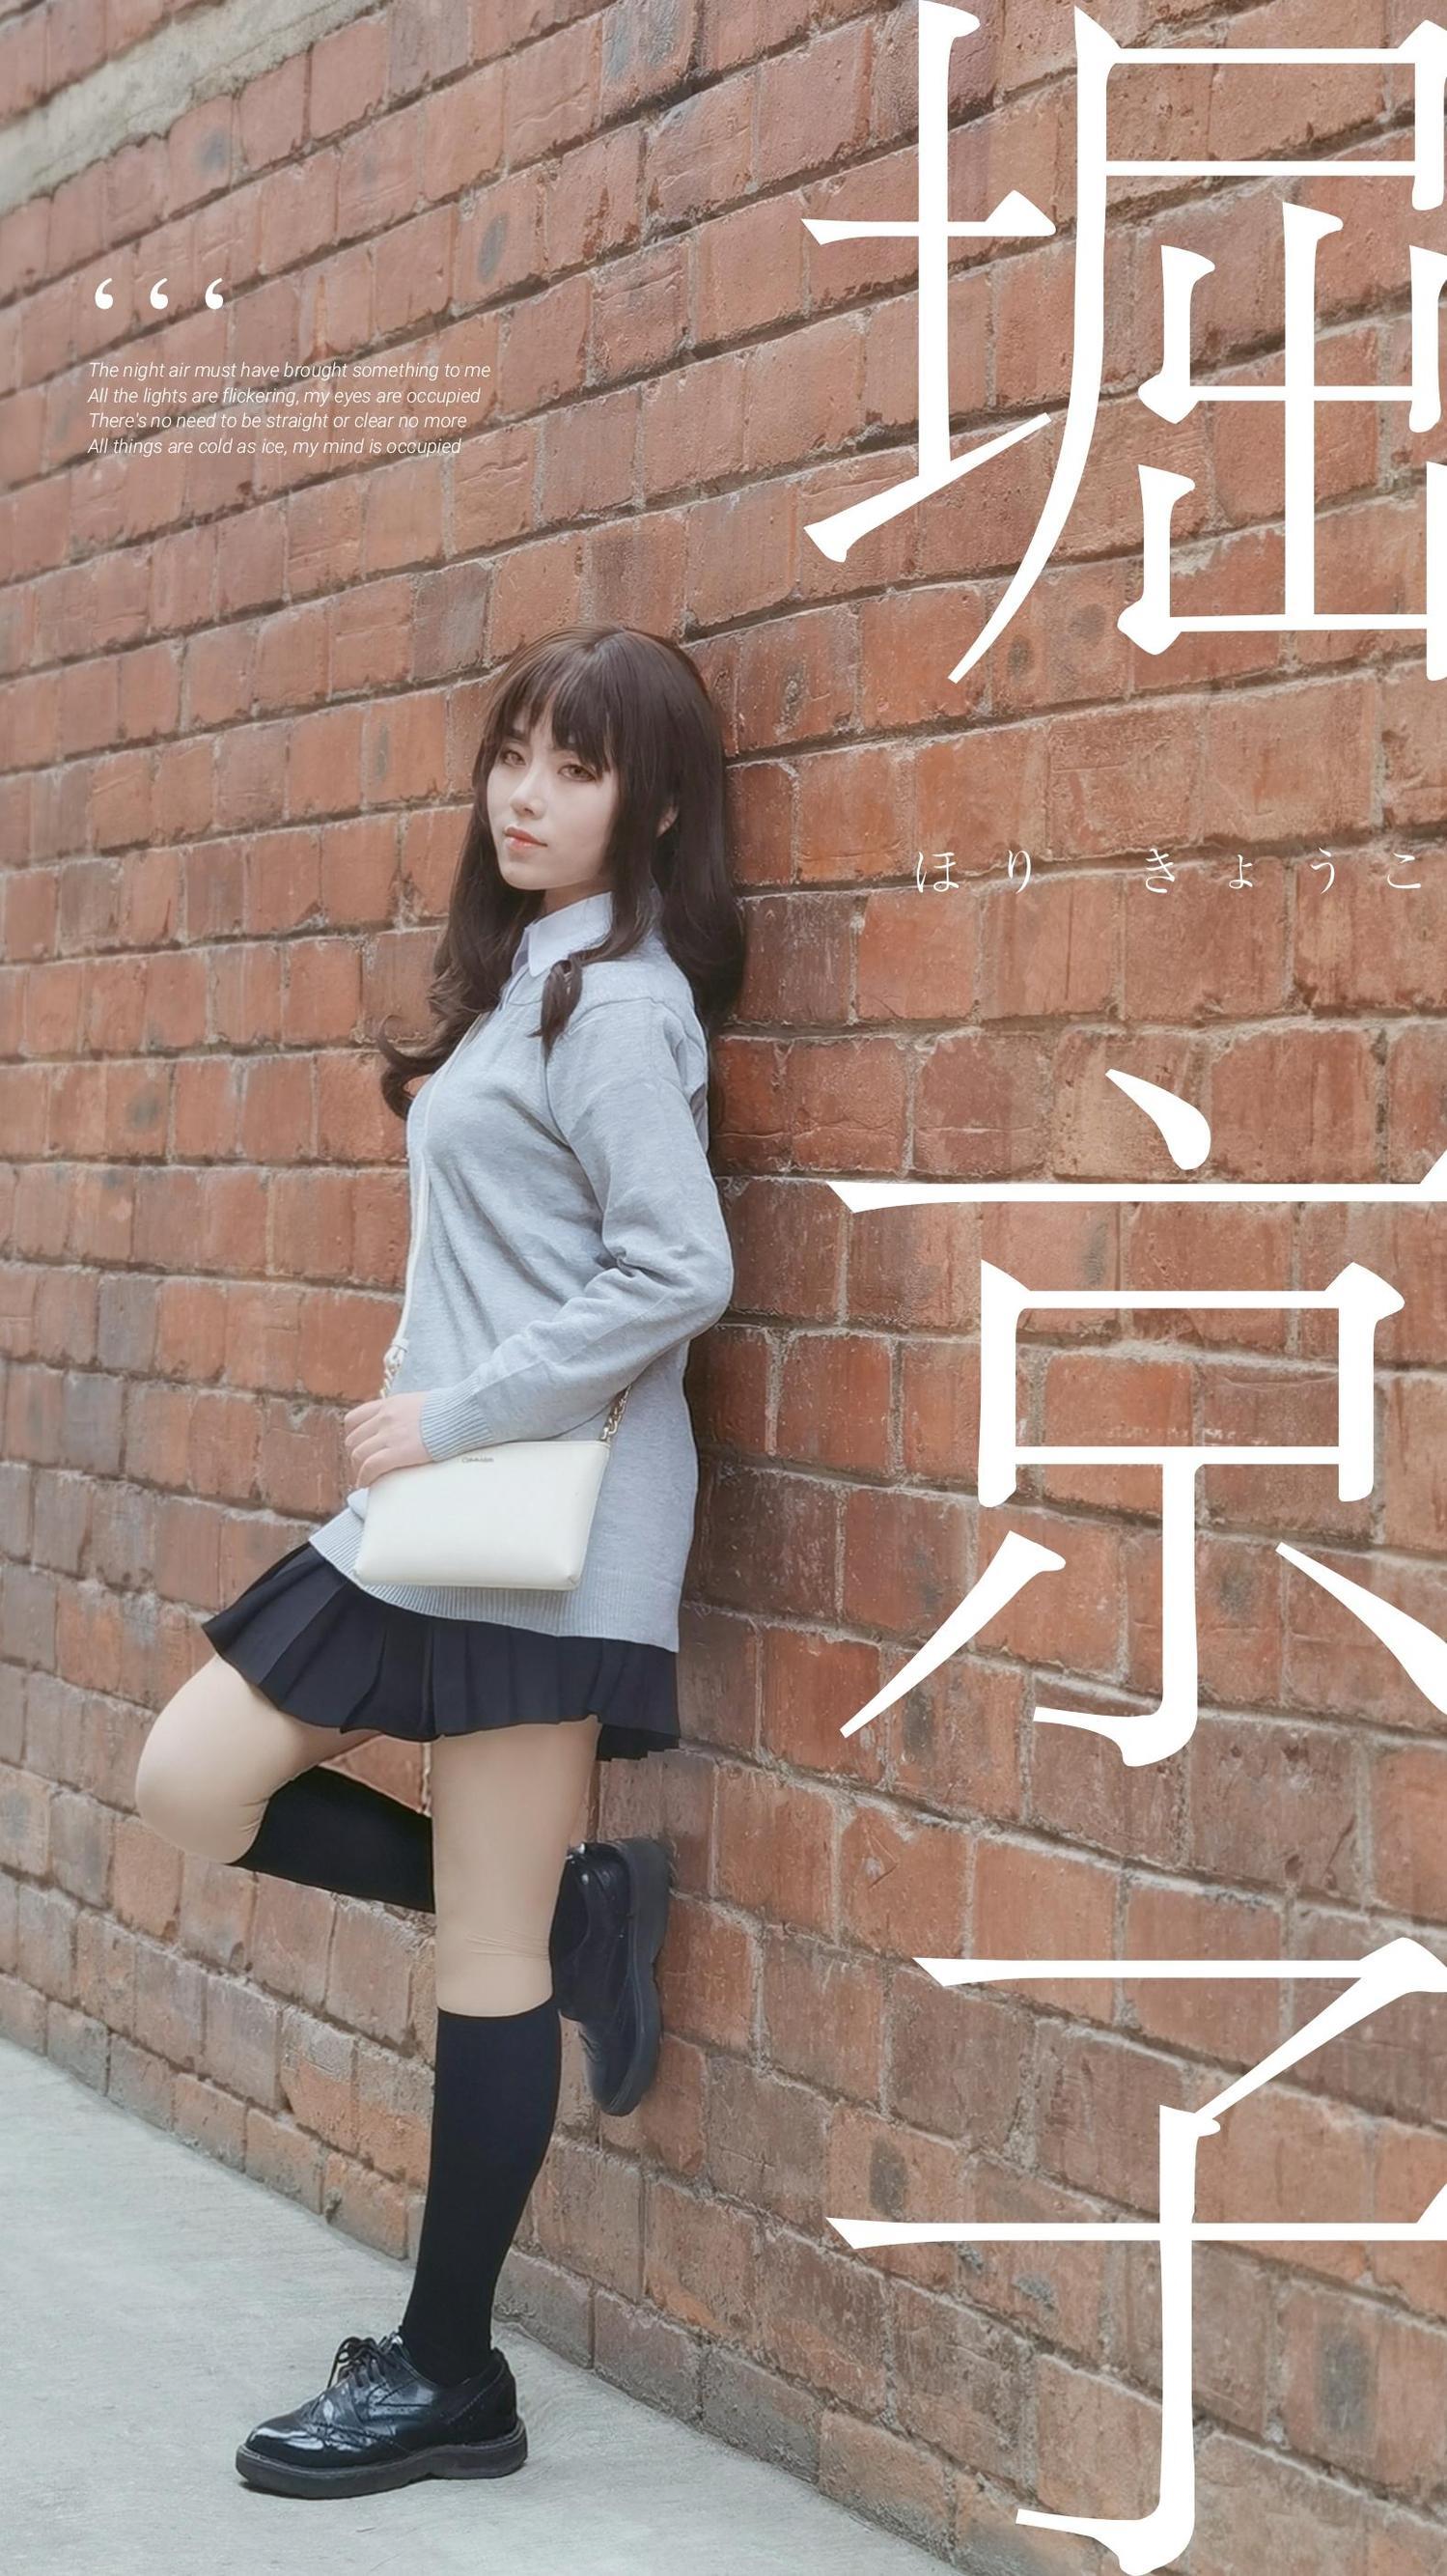 《堀桑与宫村君》生活cosplay【CN:森野久枝】 -钻石组cosplay图片插图